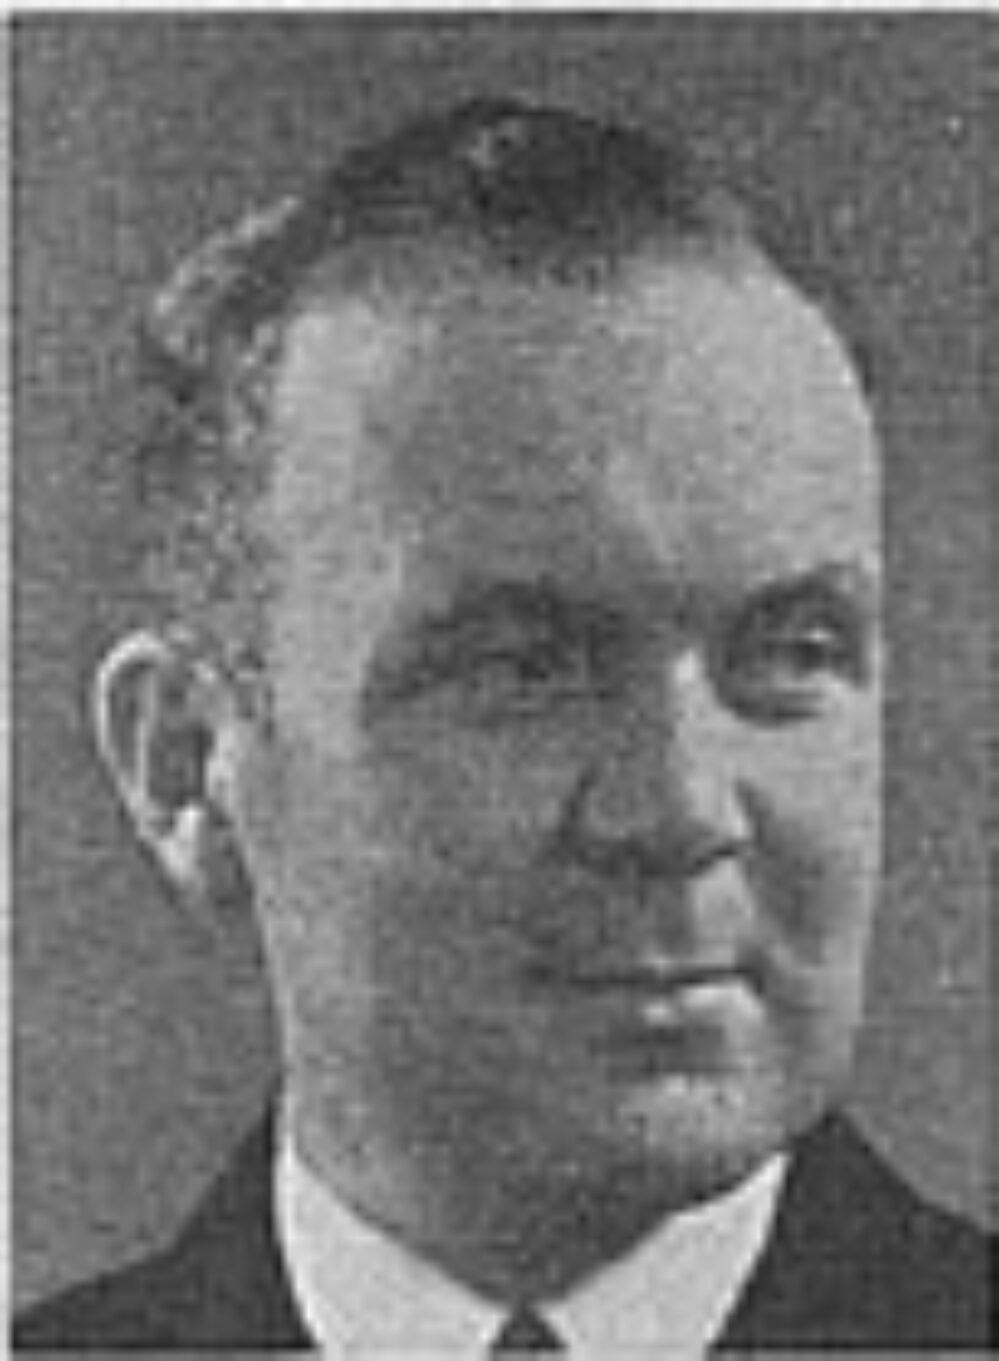 Ingolv Eldøy